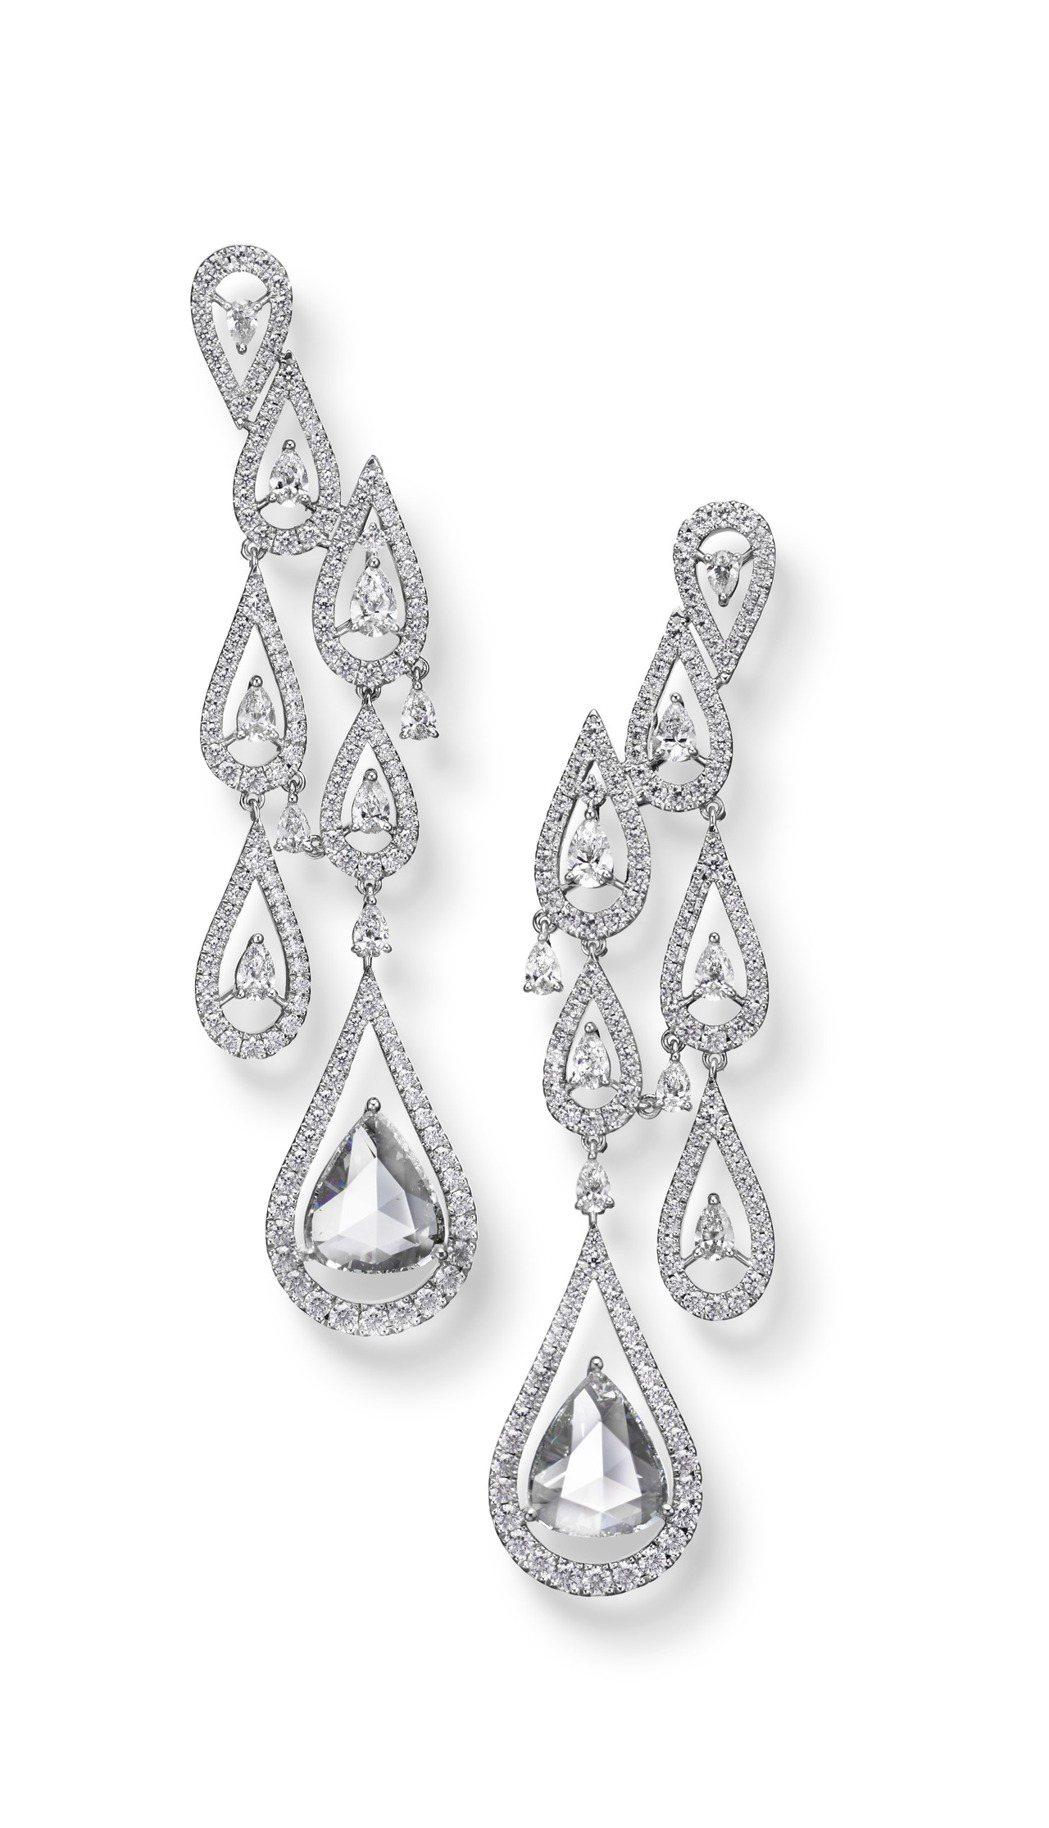 MIKIMOTO頂級珠寶系列鑽石耳環,價格未定。圖/MIKIMOTO提供